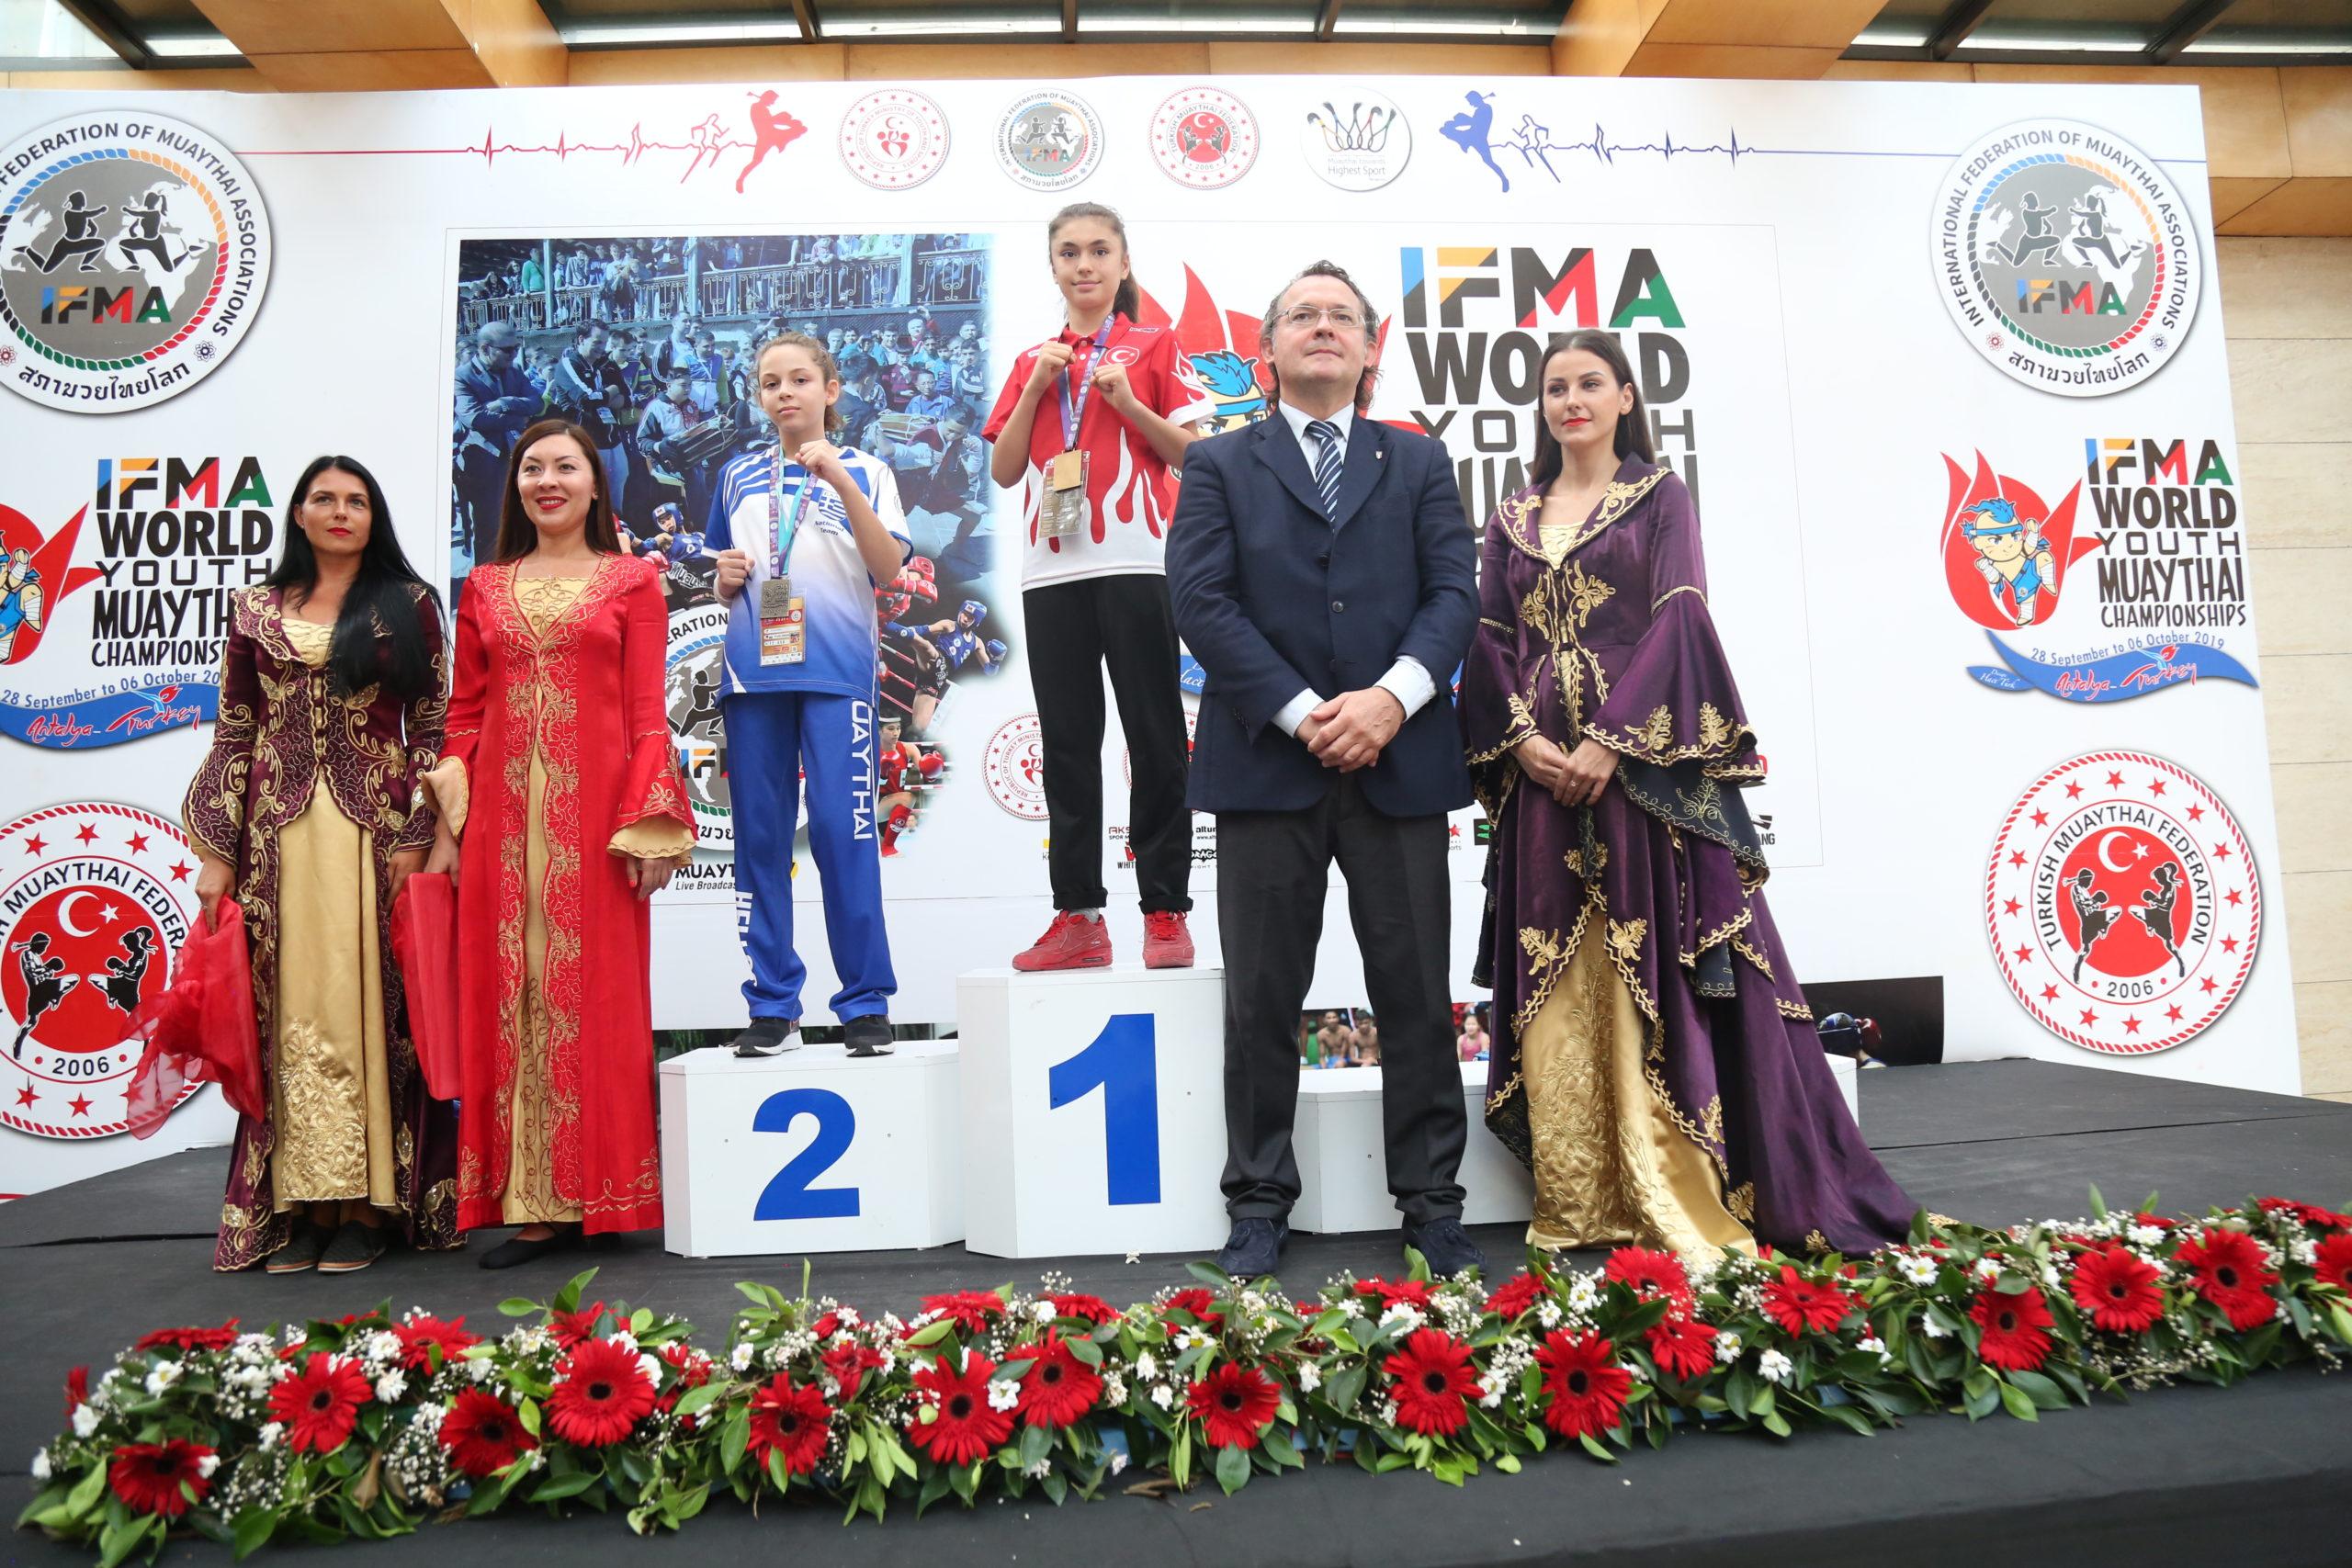 2η Θέση στο Παγκόσμιο Πρωτάθλημα Μουάιτάι Νέων 2019